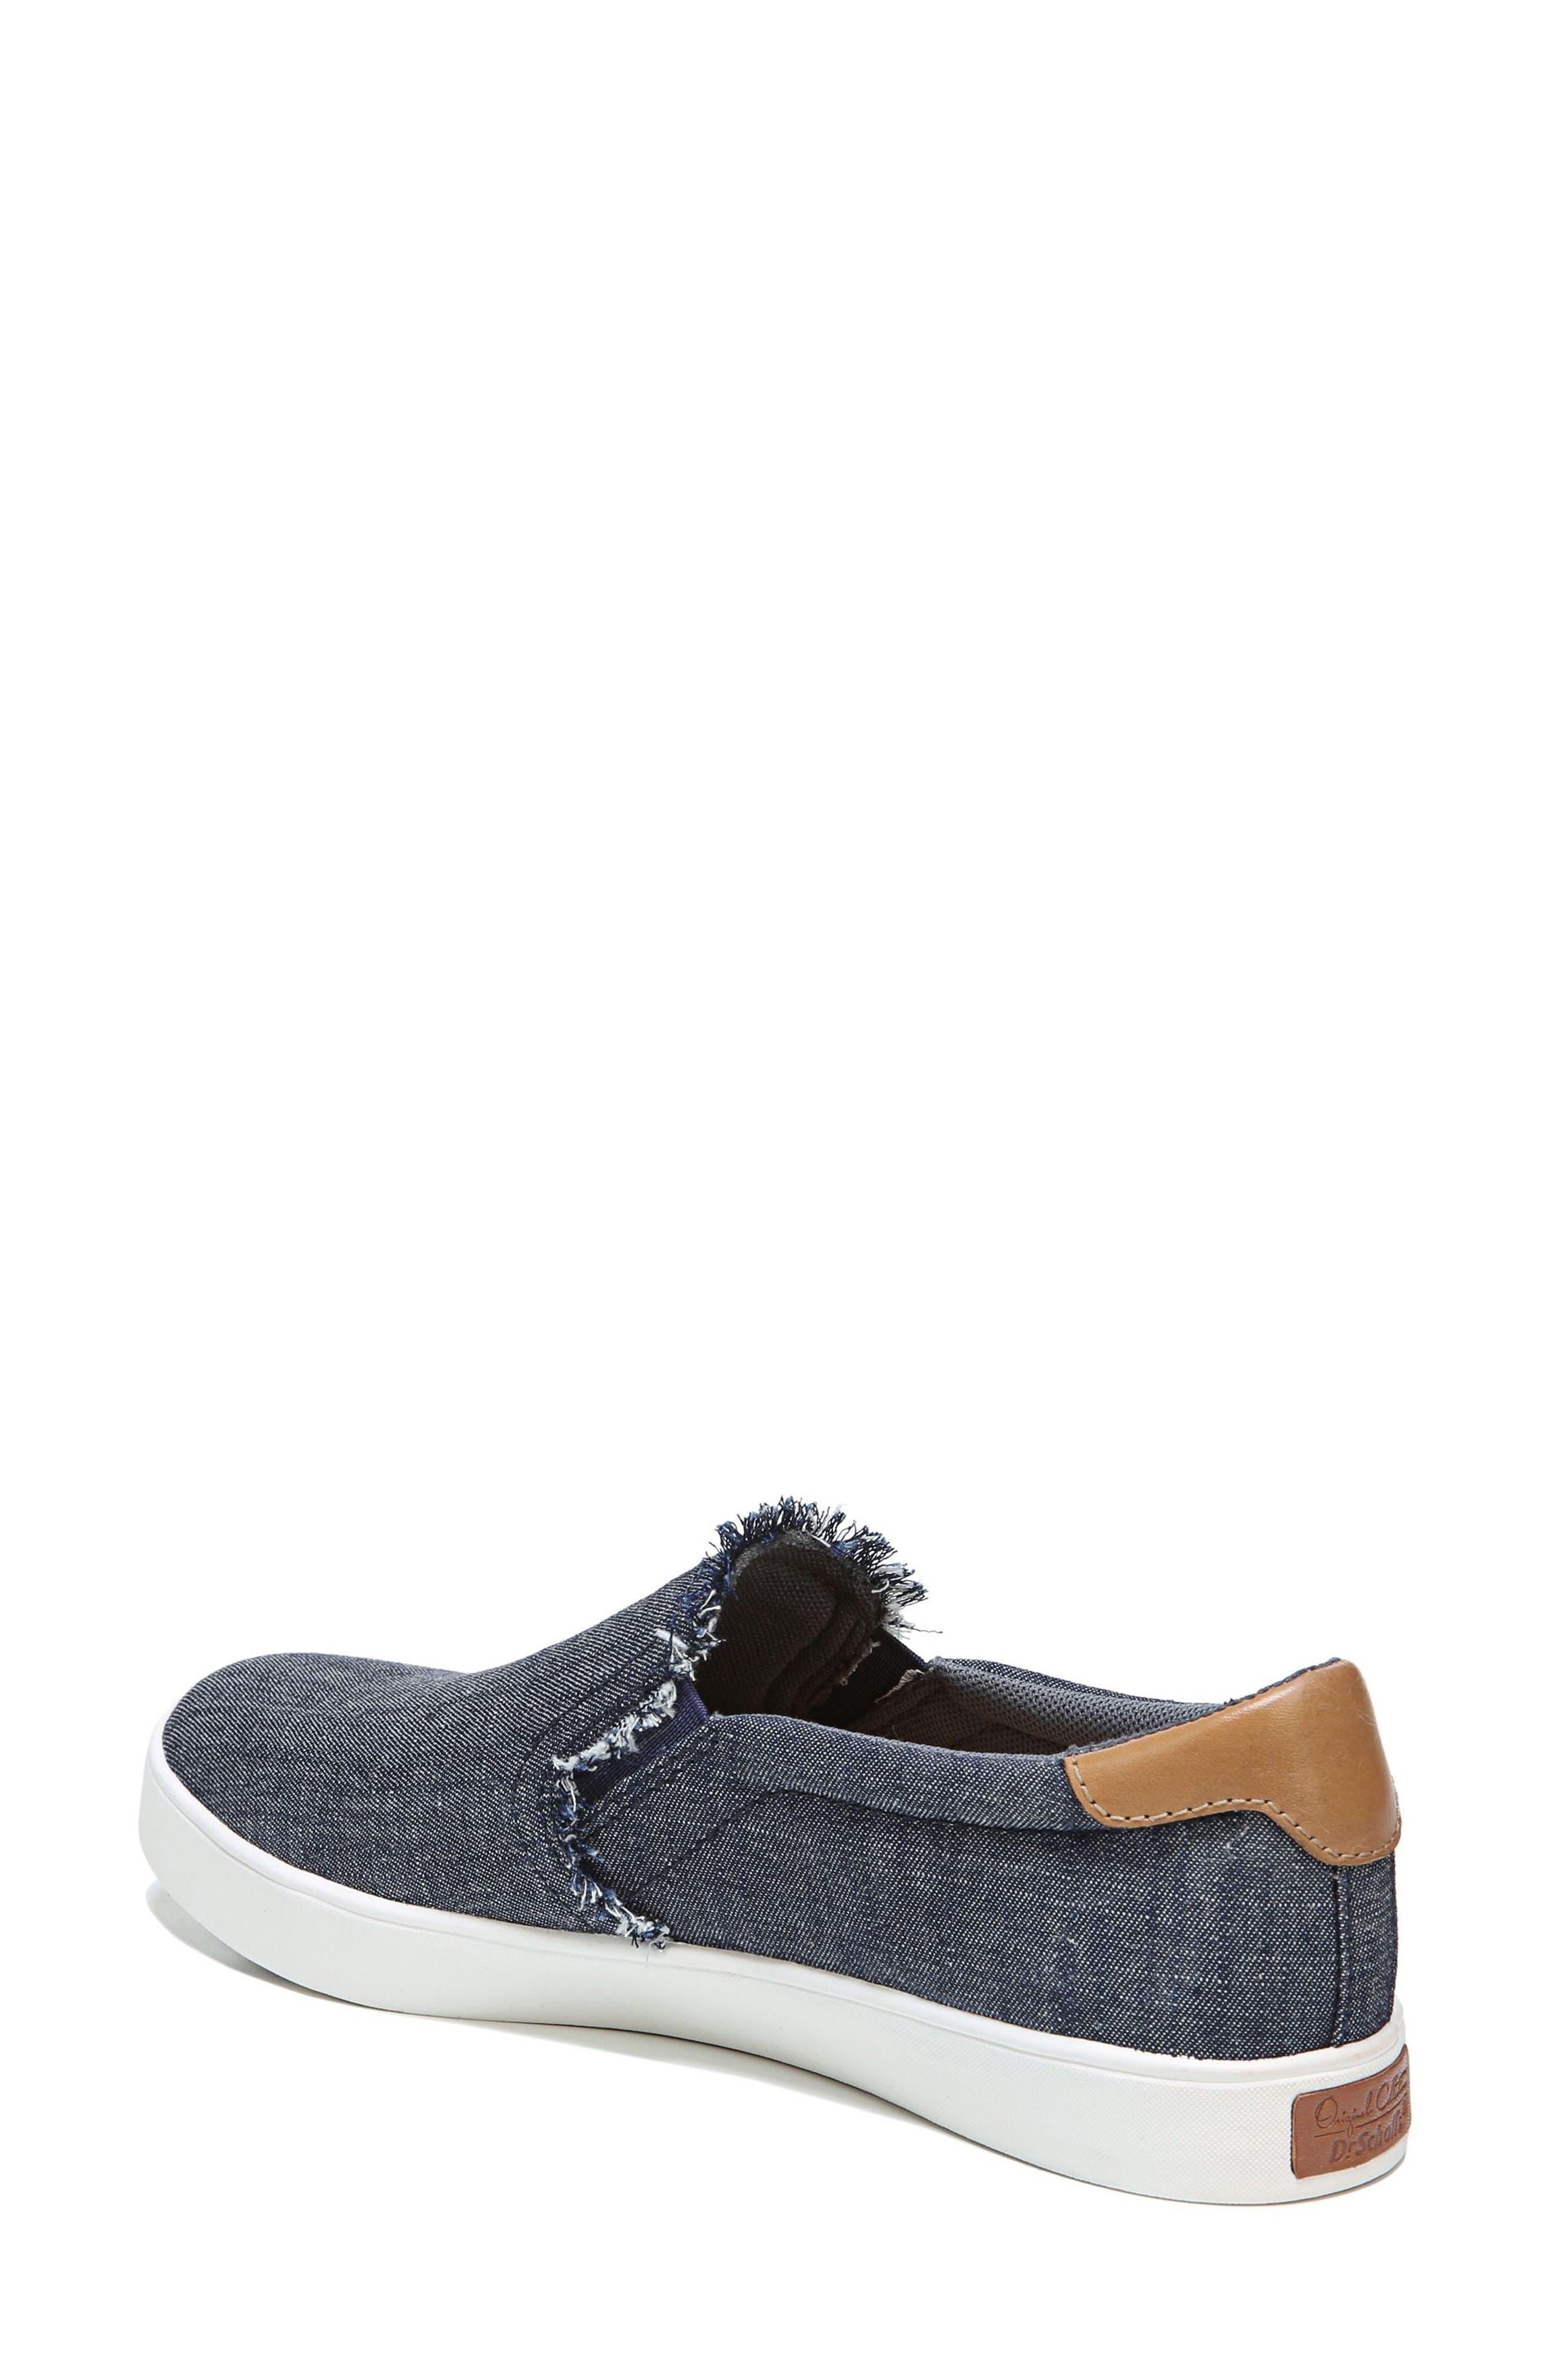 Scout Fray Slip-on Sneaker,                             Alternate thumbnail 2, color,                             400